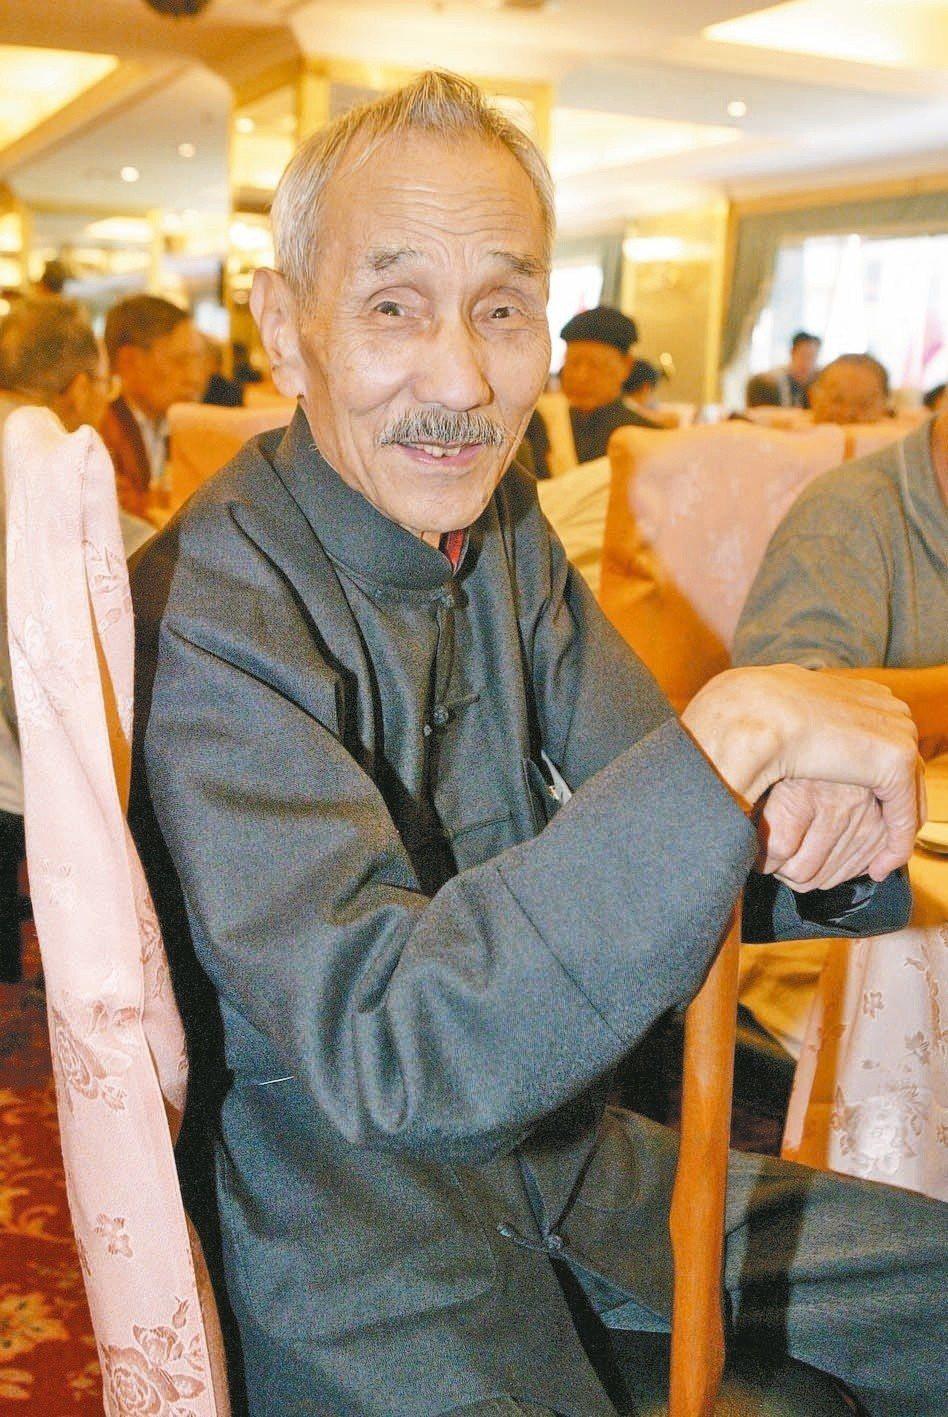 馬各於2004年文訊舉辦重陽敬老活動中的留影。(圖/本報資料照片)